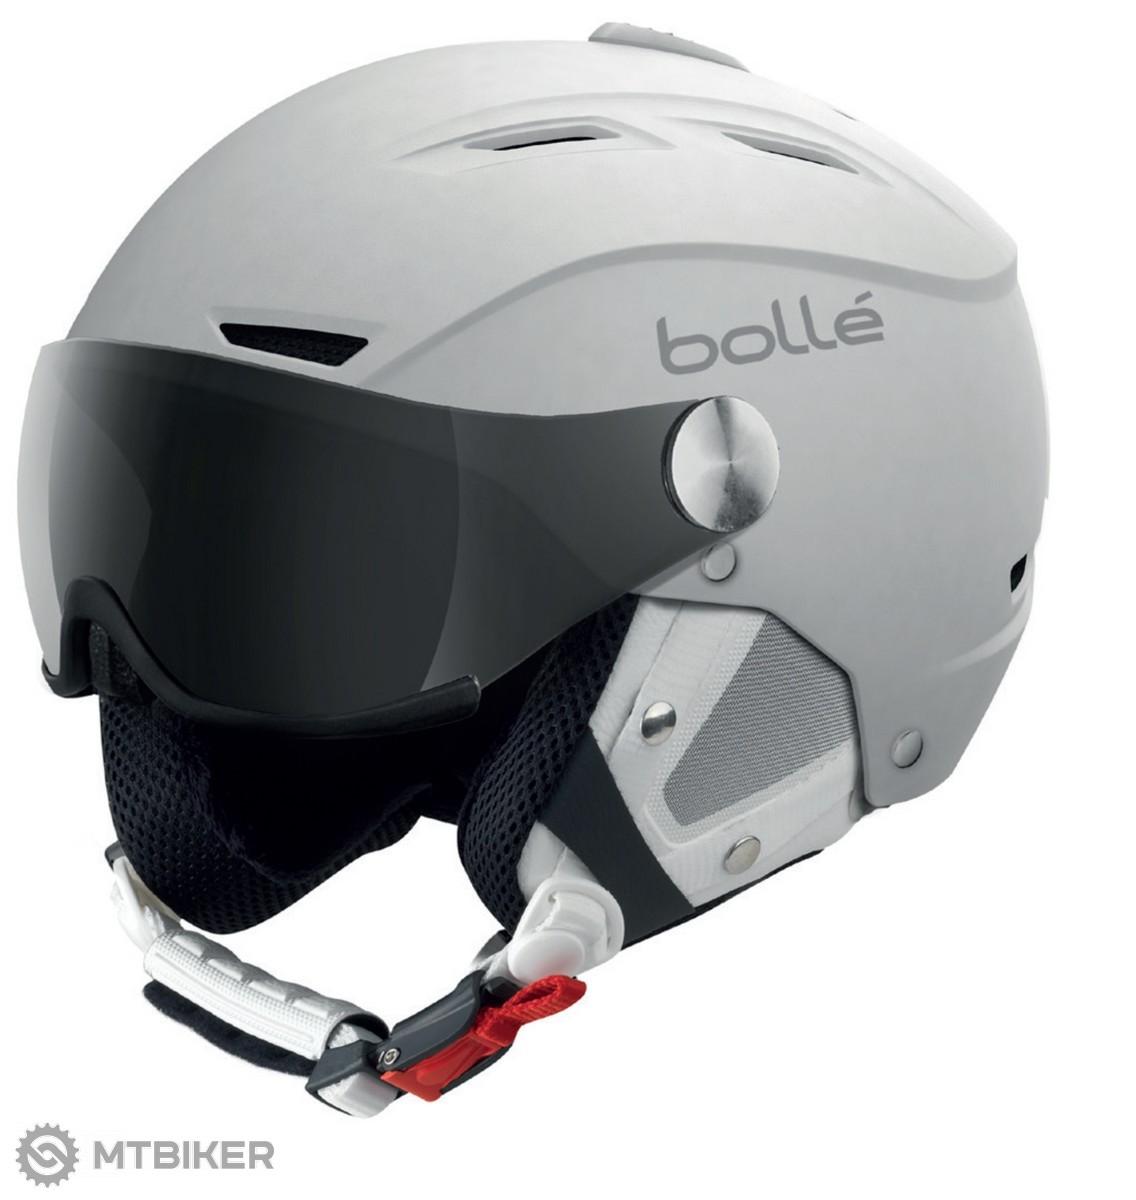 8b598842e Bollé-Backline Visor Soft White-silver lyžiarska helma - MTBIKER Shop